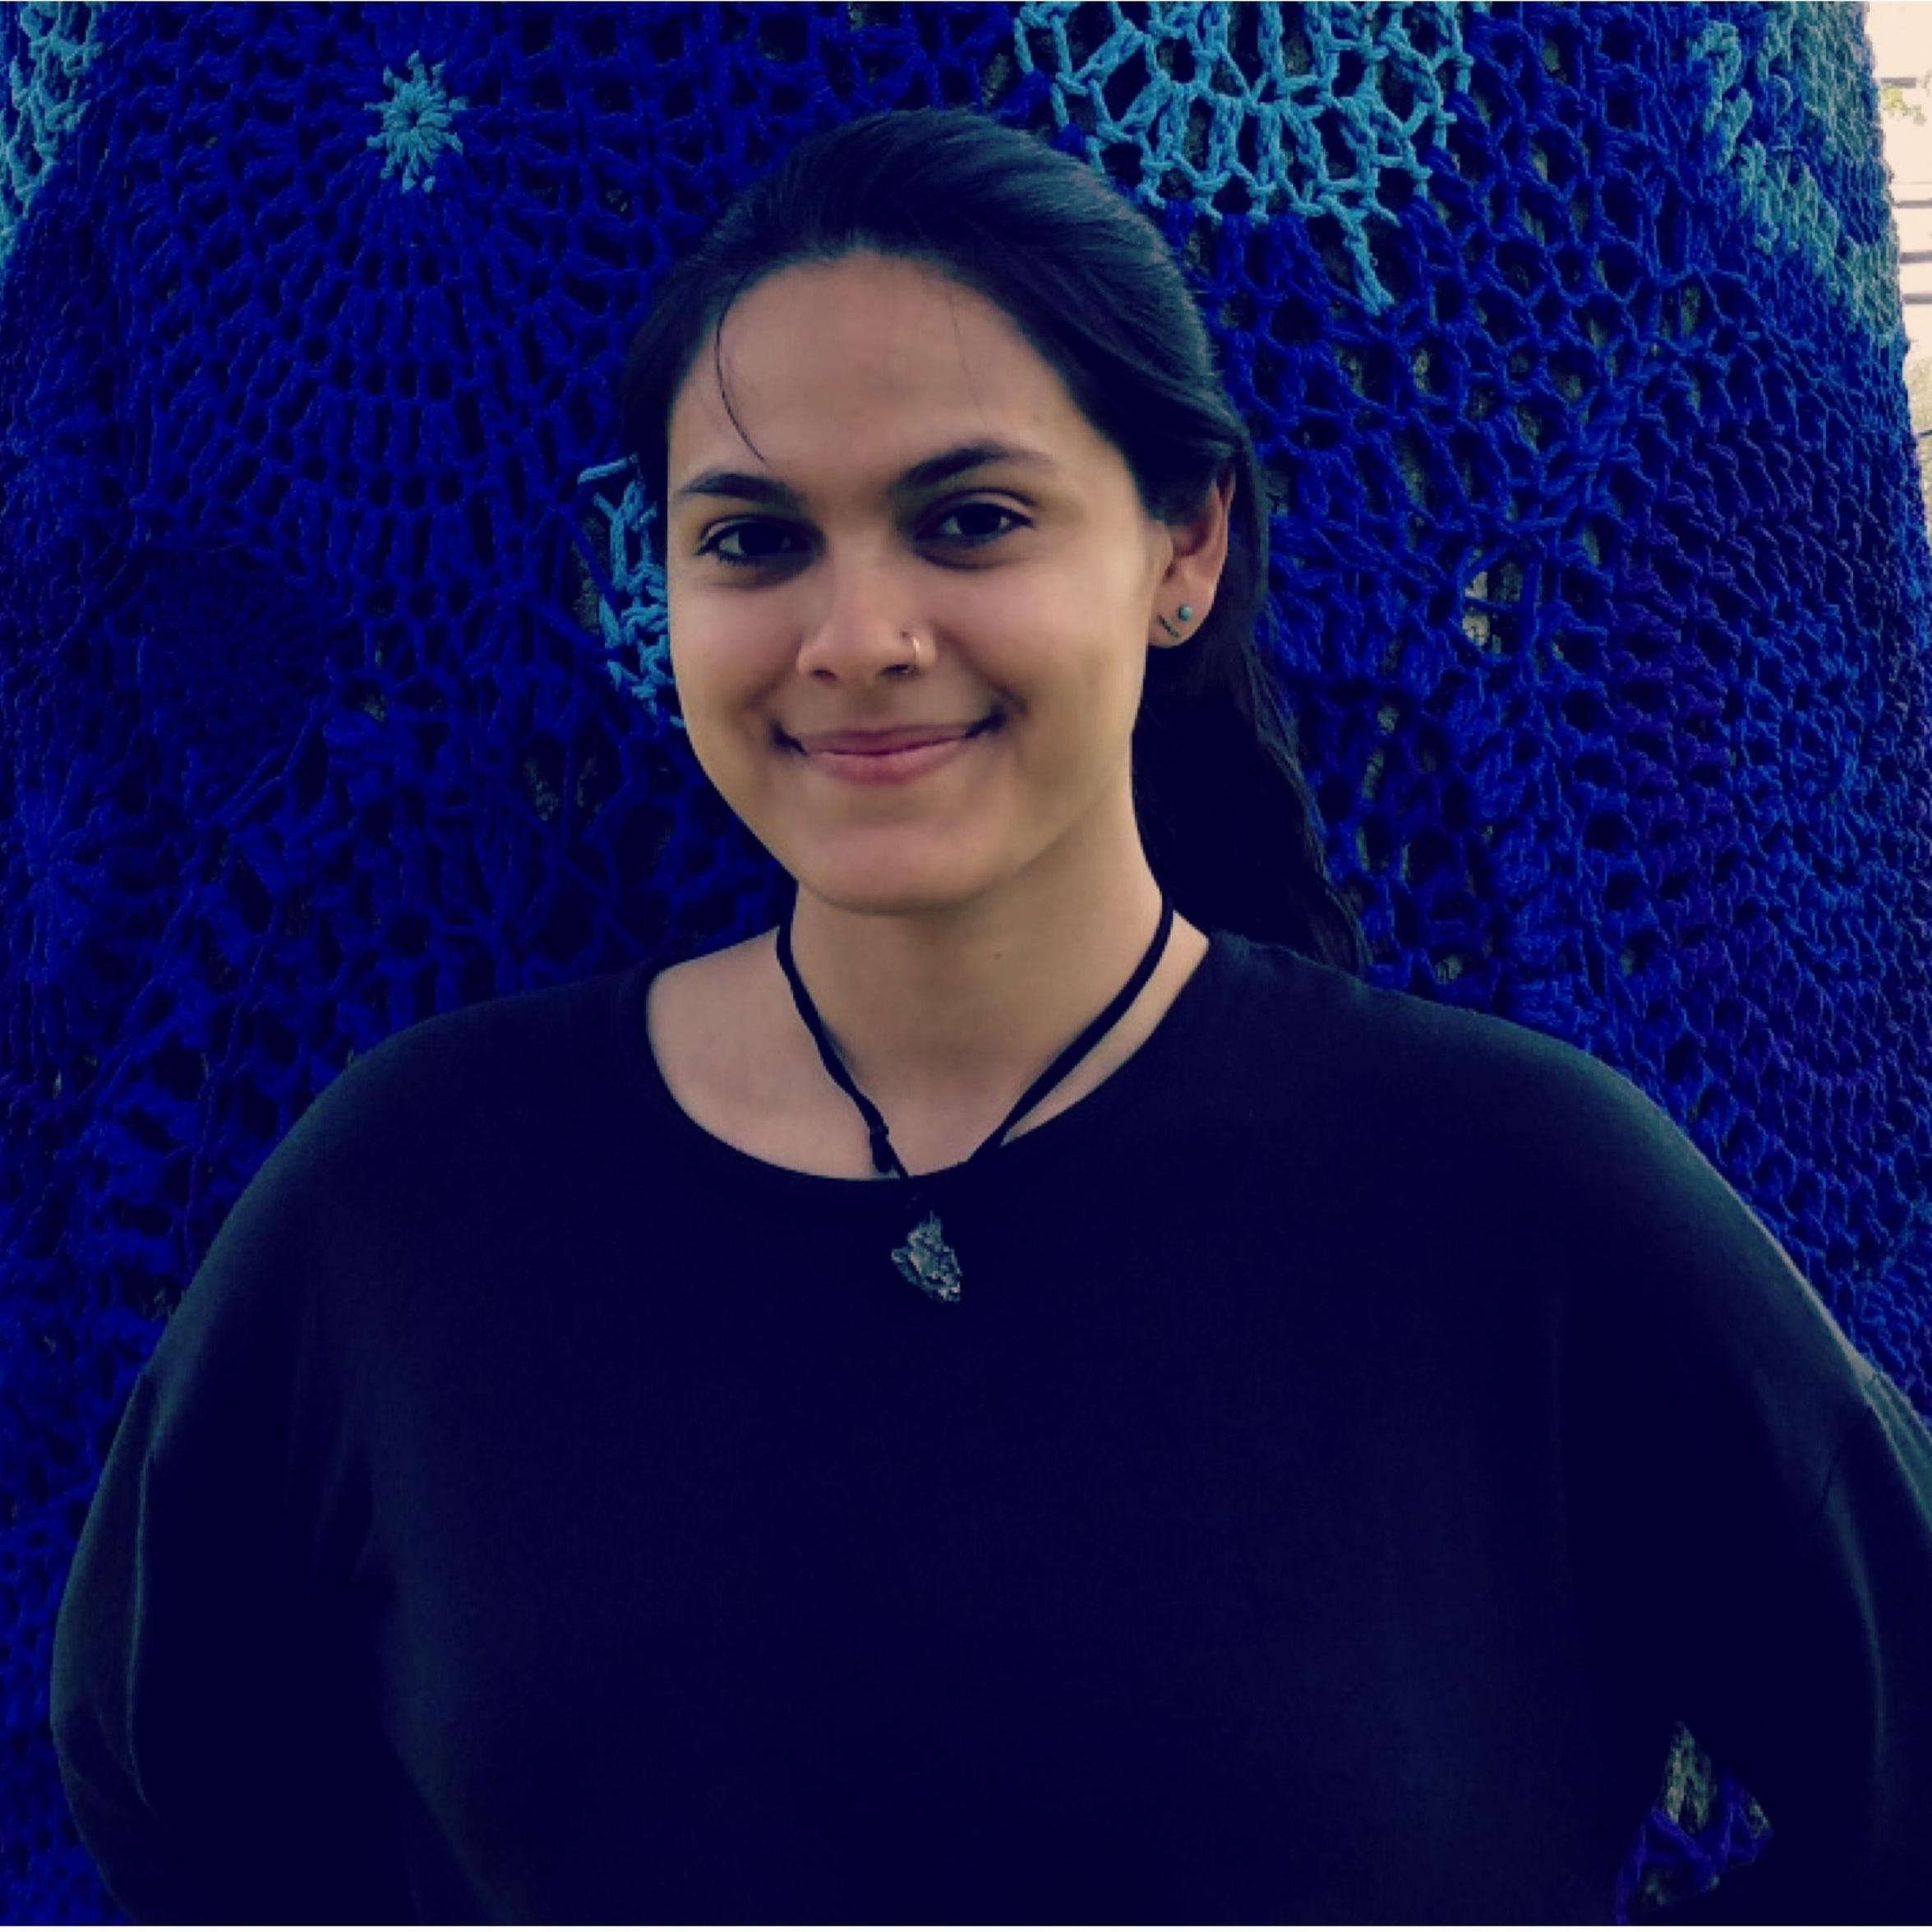 Aracely Jimenez